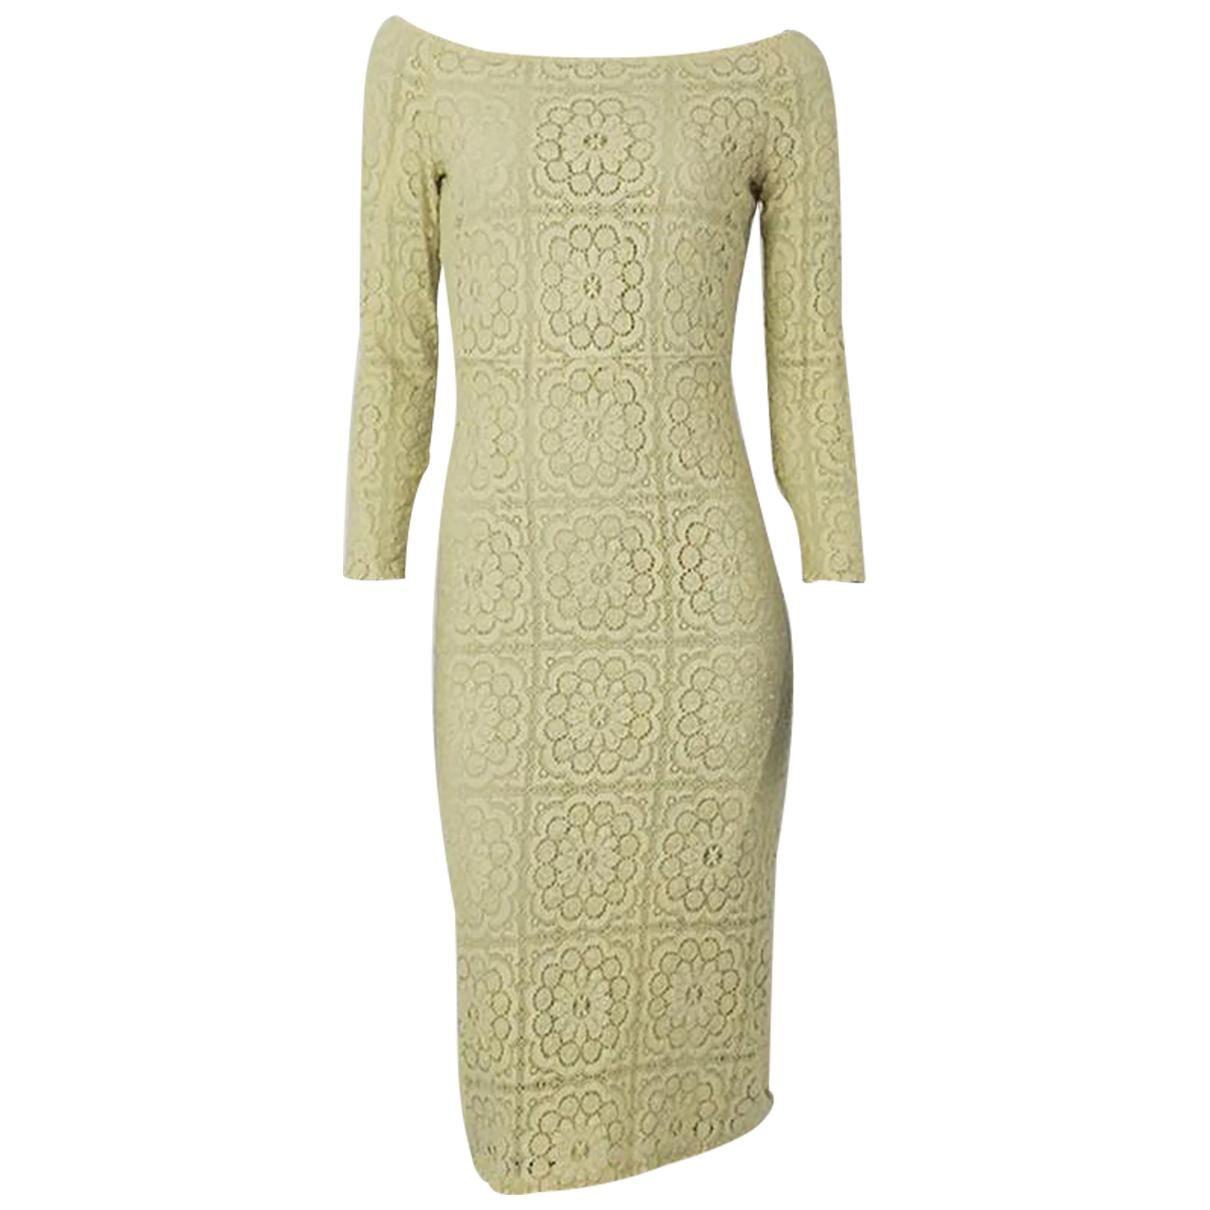 Burberry \N Kleid in  Gelb Polyester